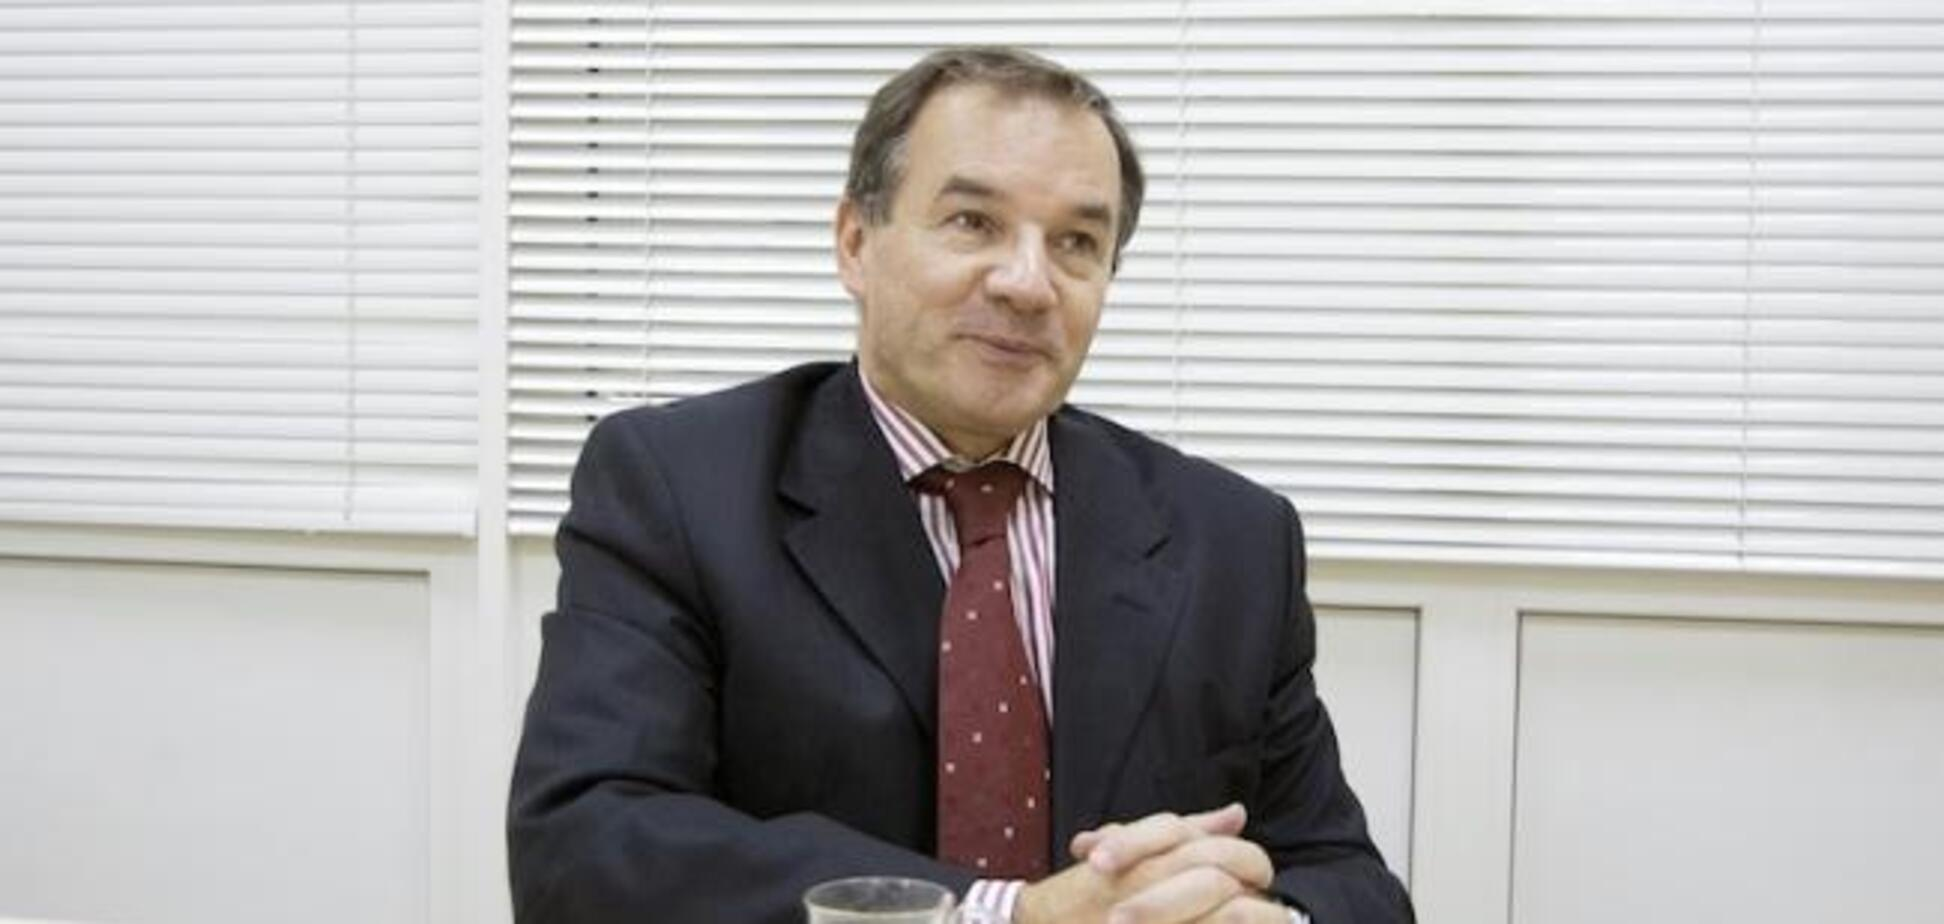 Дело о коррупции: НАПК попросили проверить декларацию Терещенко